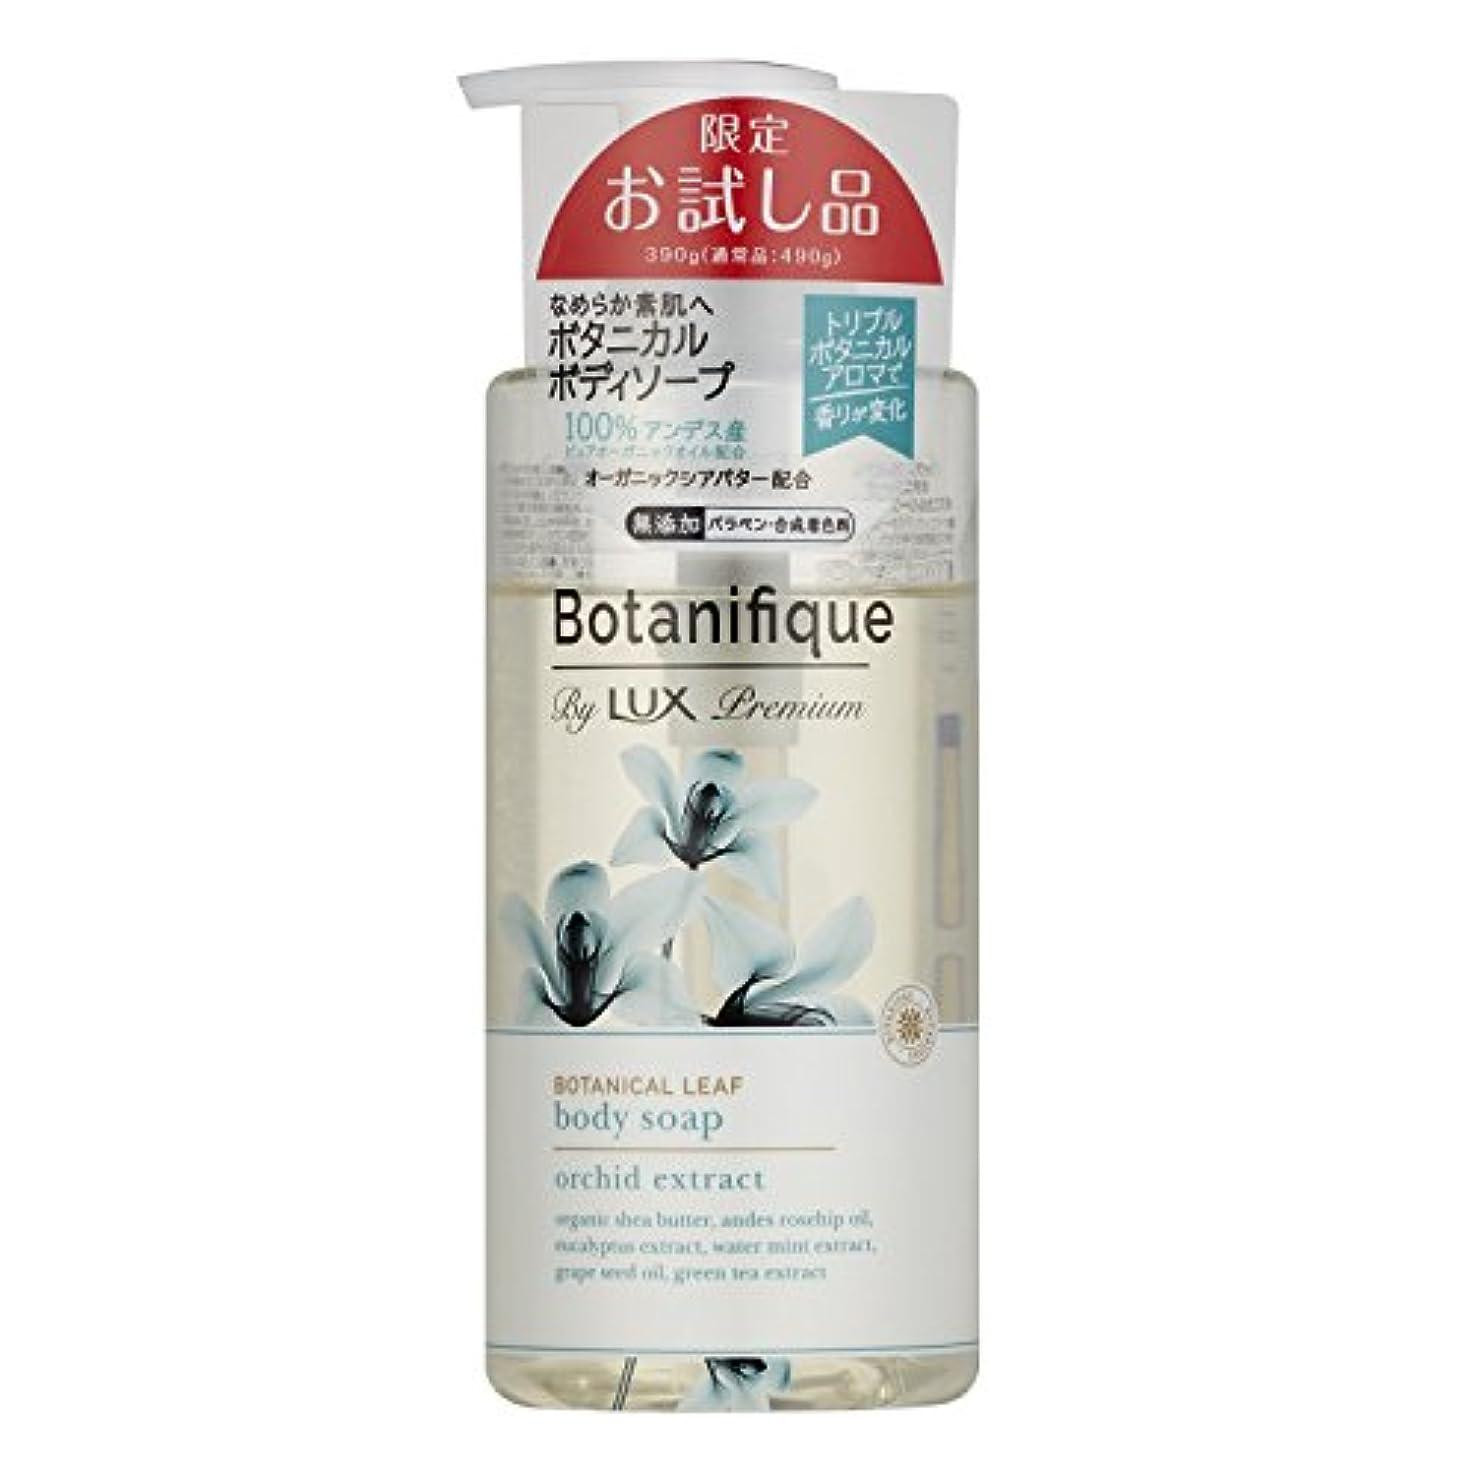 ライターハロウィンなぜならラックス プレミアム ボタニフィーク ボタニカルリーフ ボディソープ ポンプ(ボタニカルリーフの香り) お試し品 390g